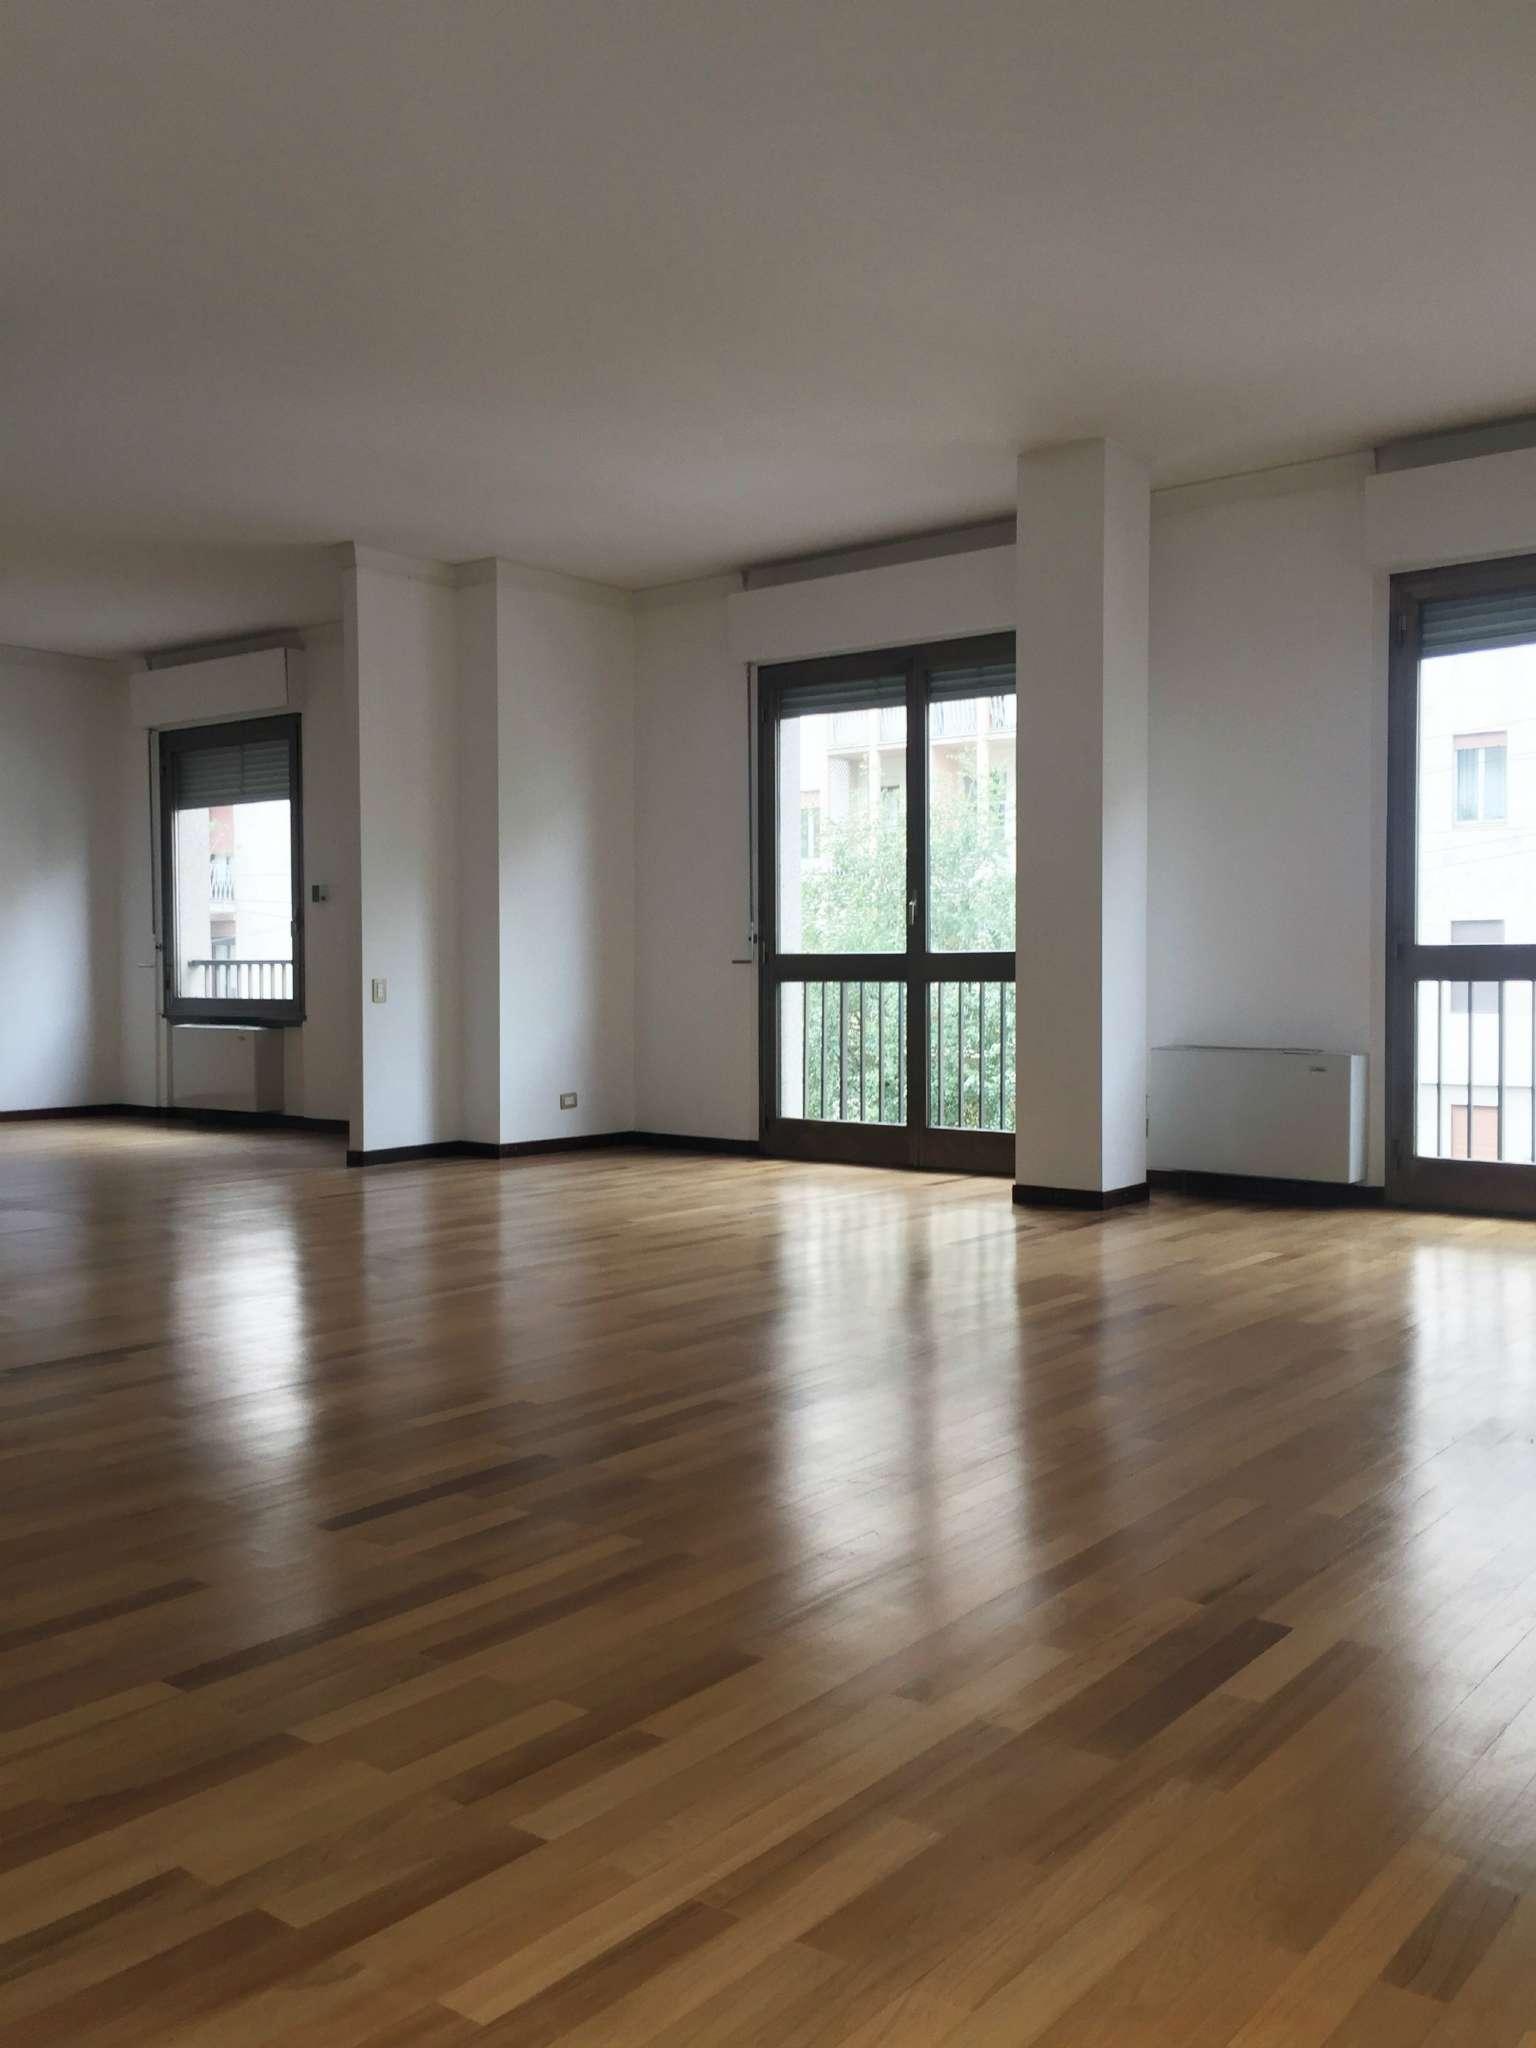 Appartamento in affitto a Milano, 7 locali, zona Zona: 1 . Centro Storico, Duomo, Brera, Cadorna, Cattolica, prezzo € 4.166 | Cambio Casa.it